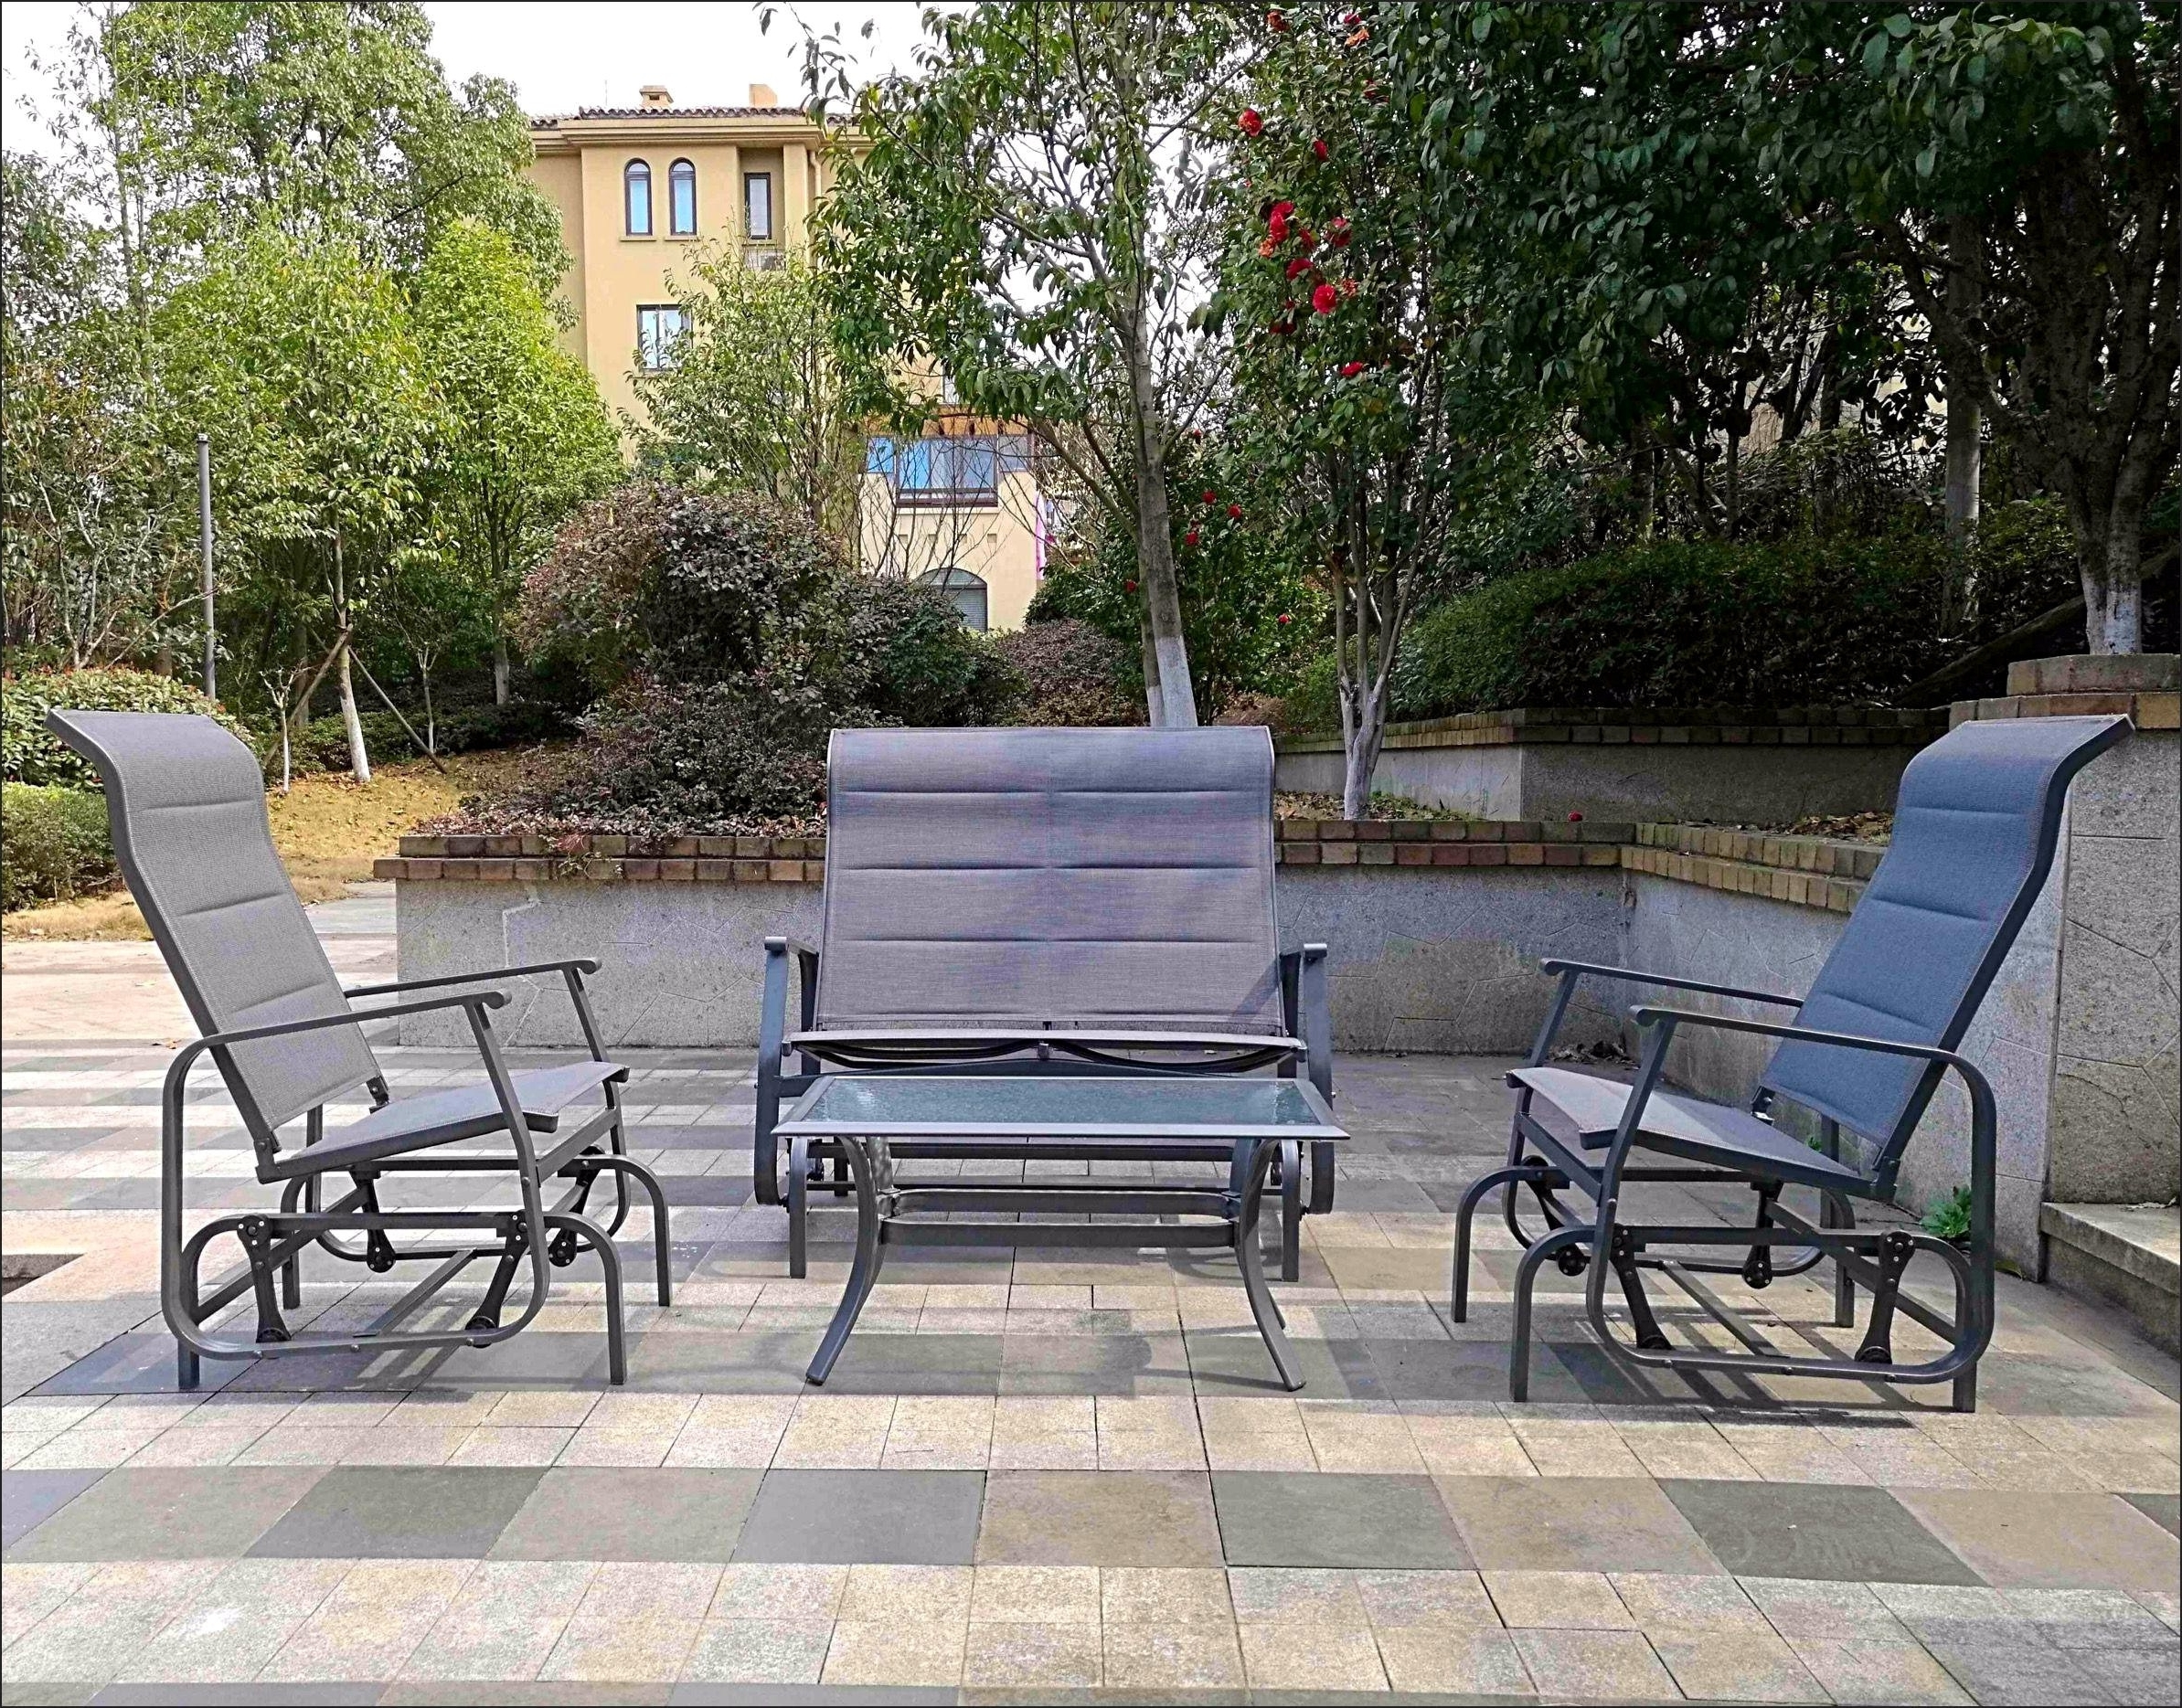 Outdoor Patio Umbrellas Luxury Elegant Menards Outdoor Furniture Pertaining To 2018 Menards Patio Umbrellas (View 4 of 20)